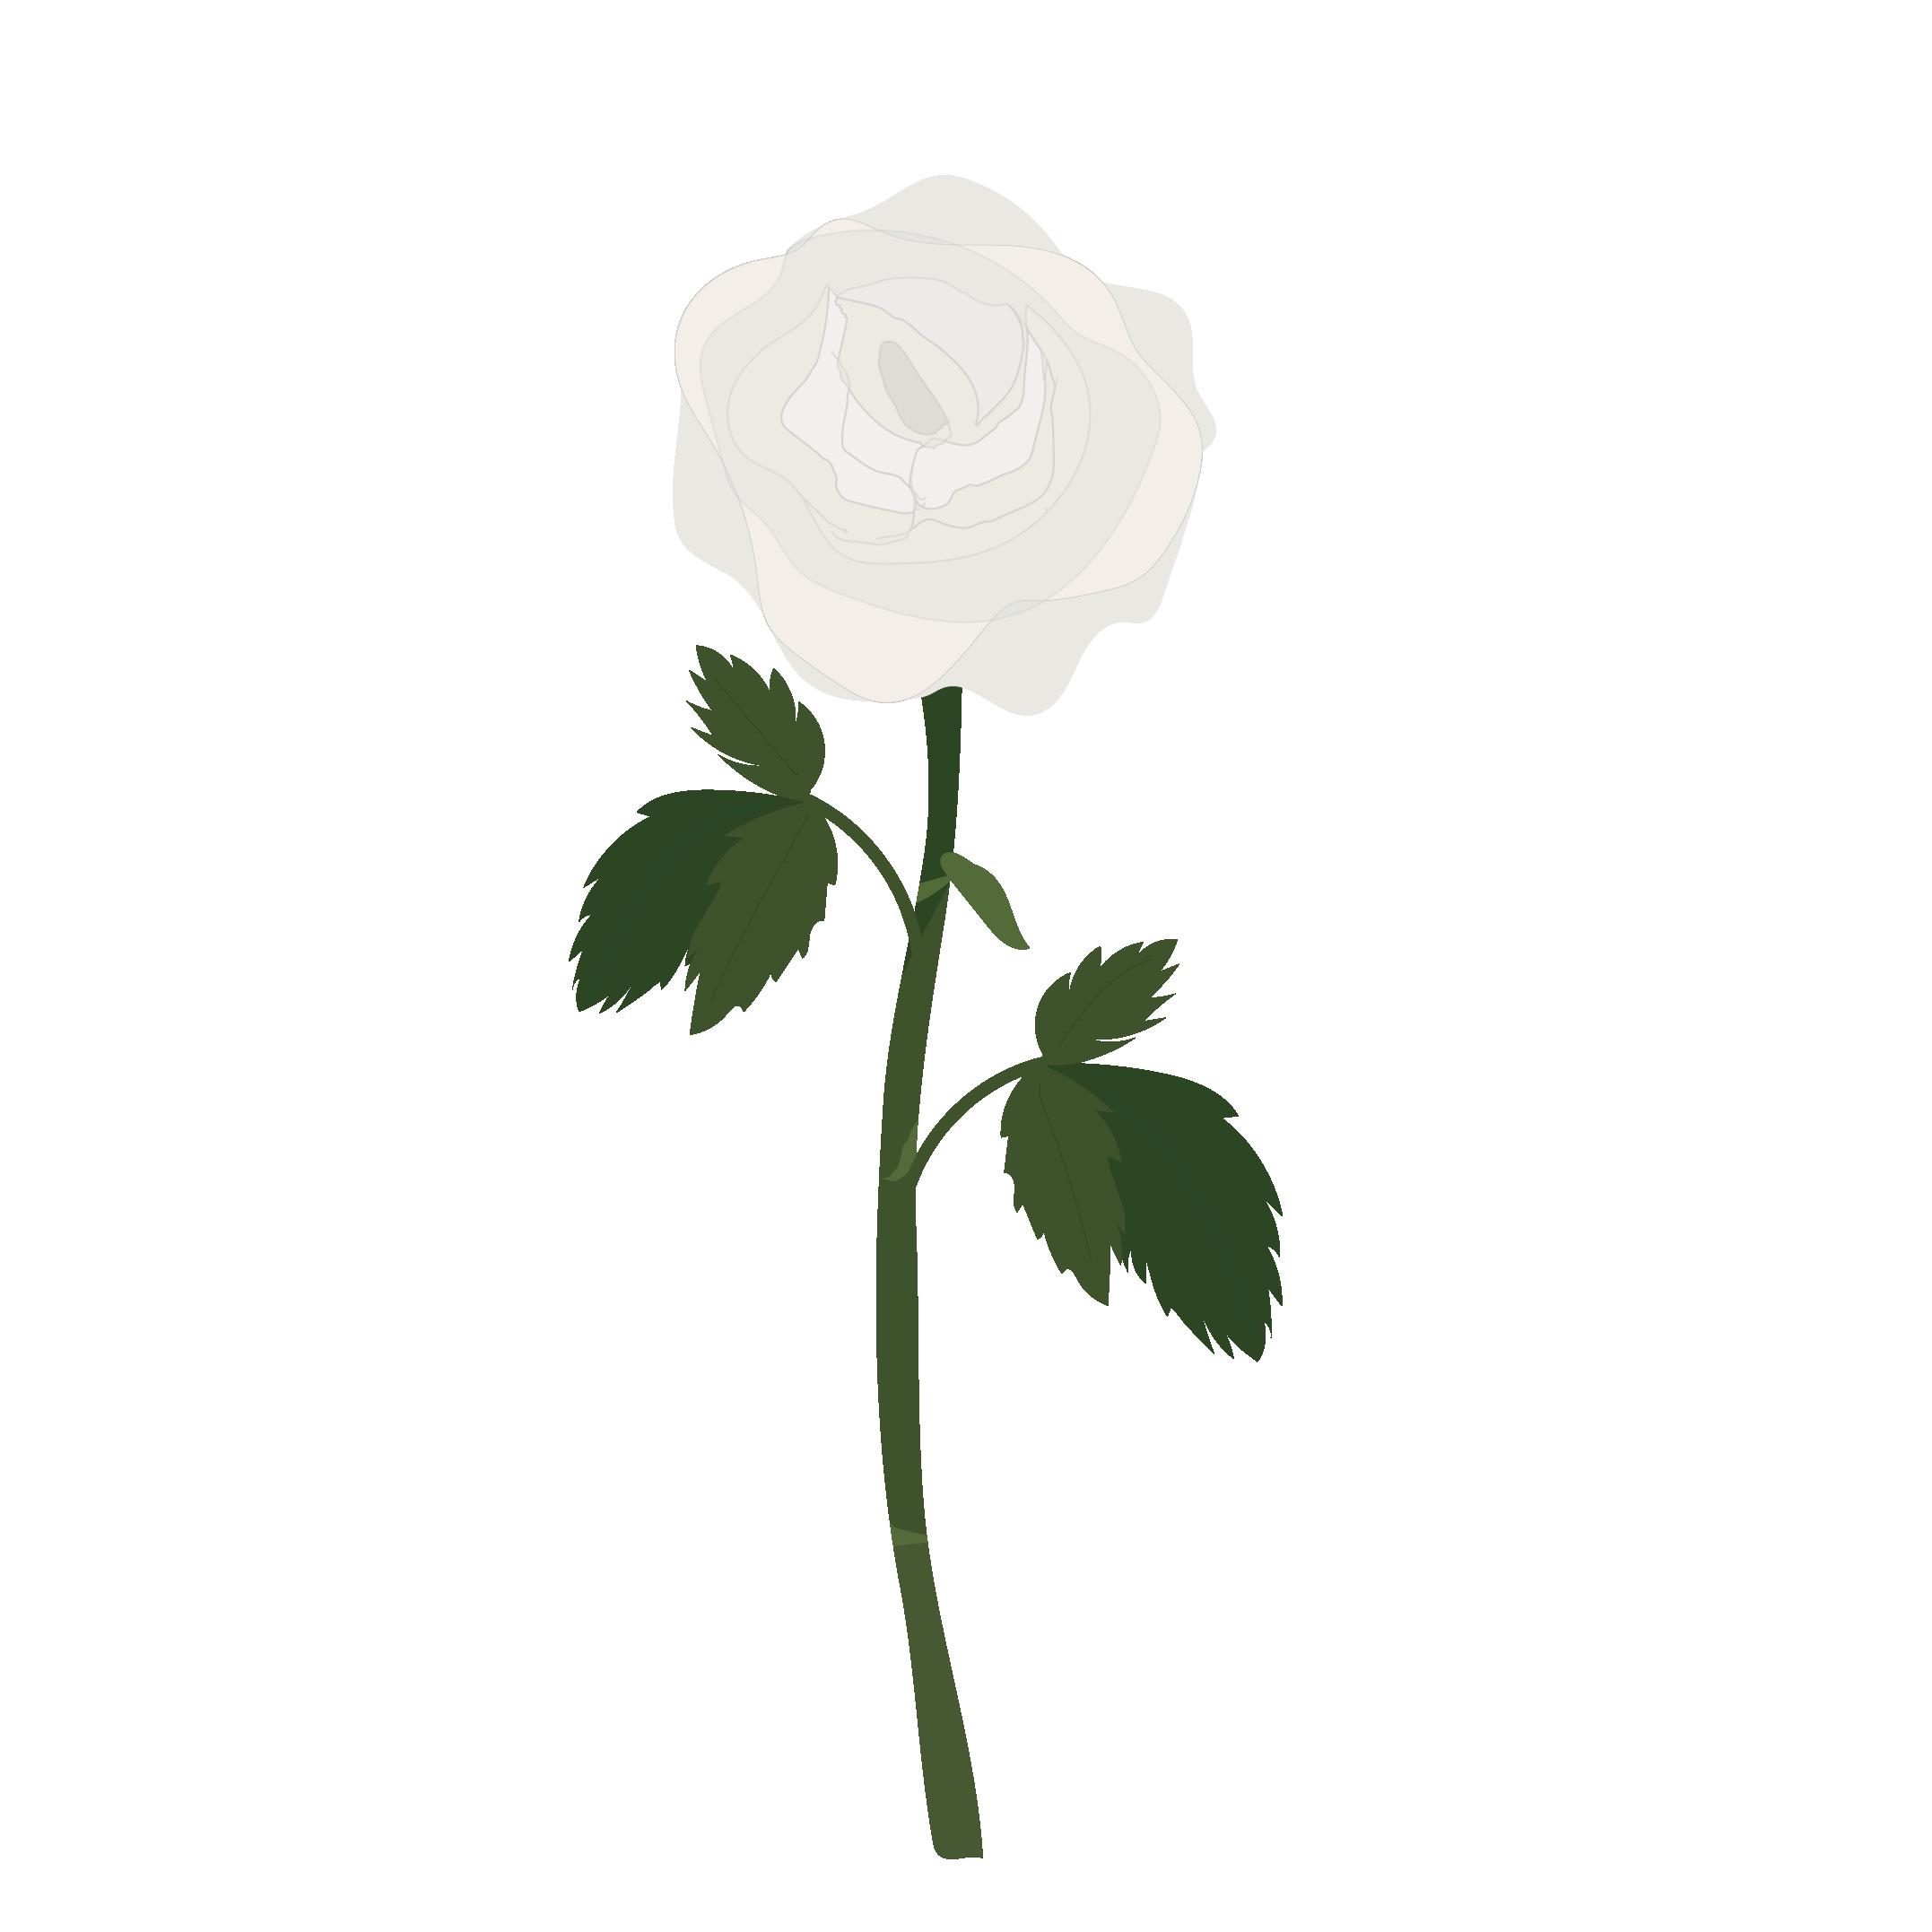 一輪の白い薔薇ばらバラの フリー イラスト 商用フリー無料の